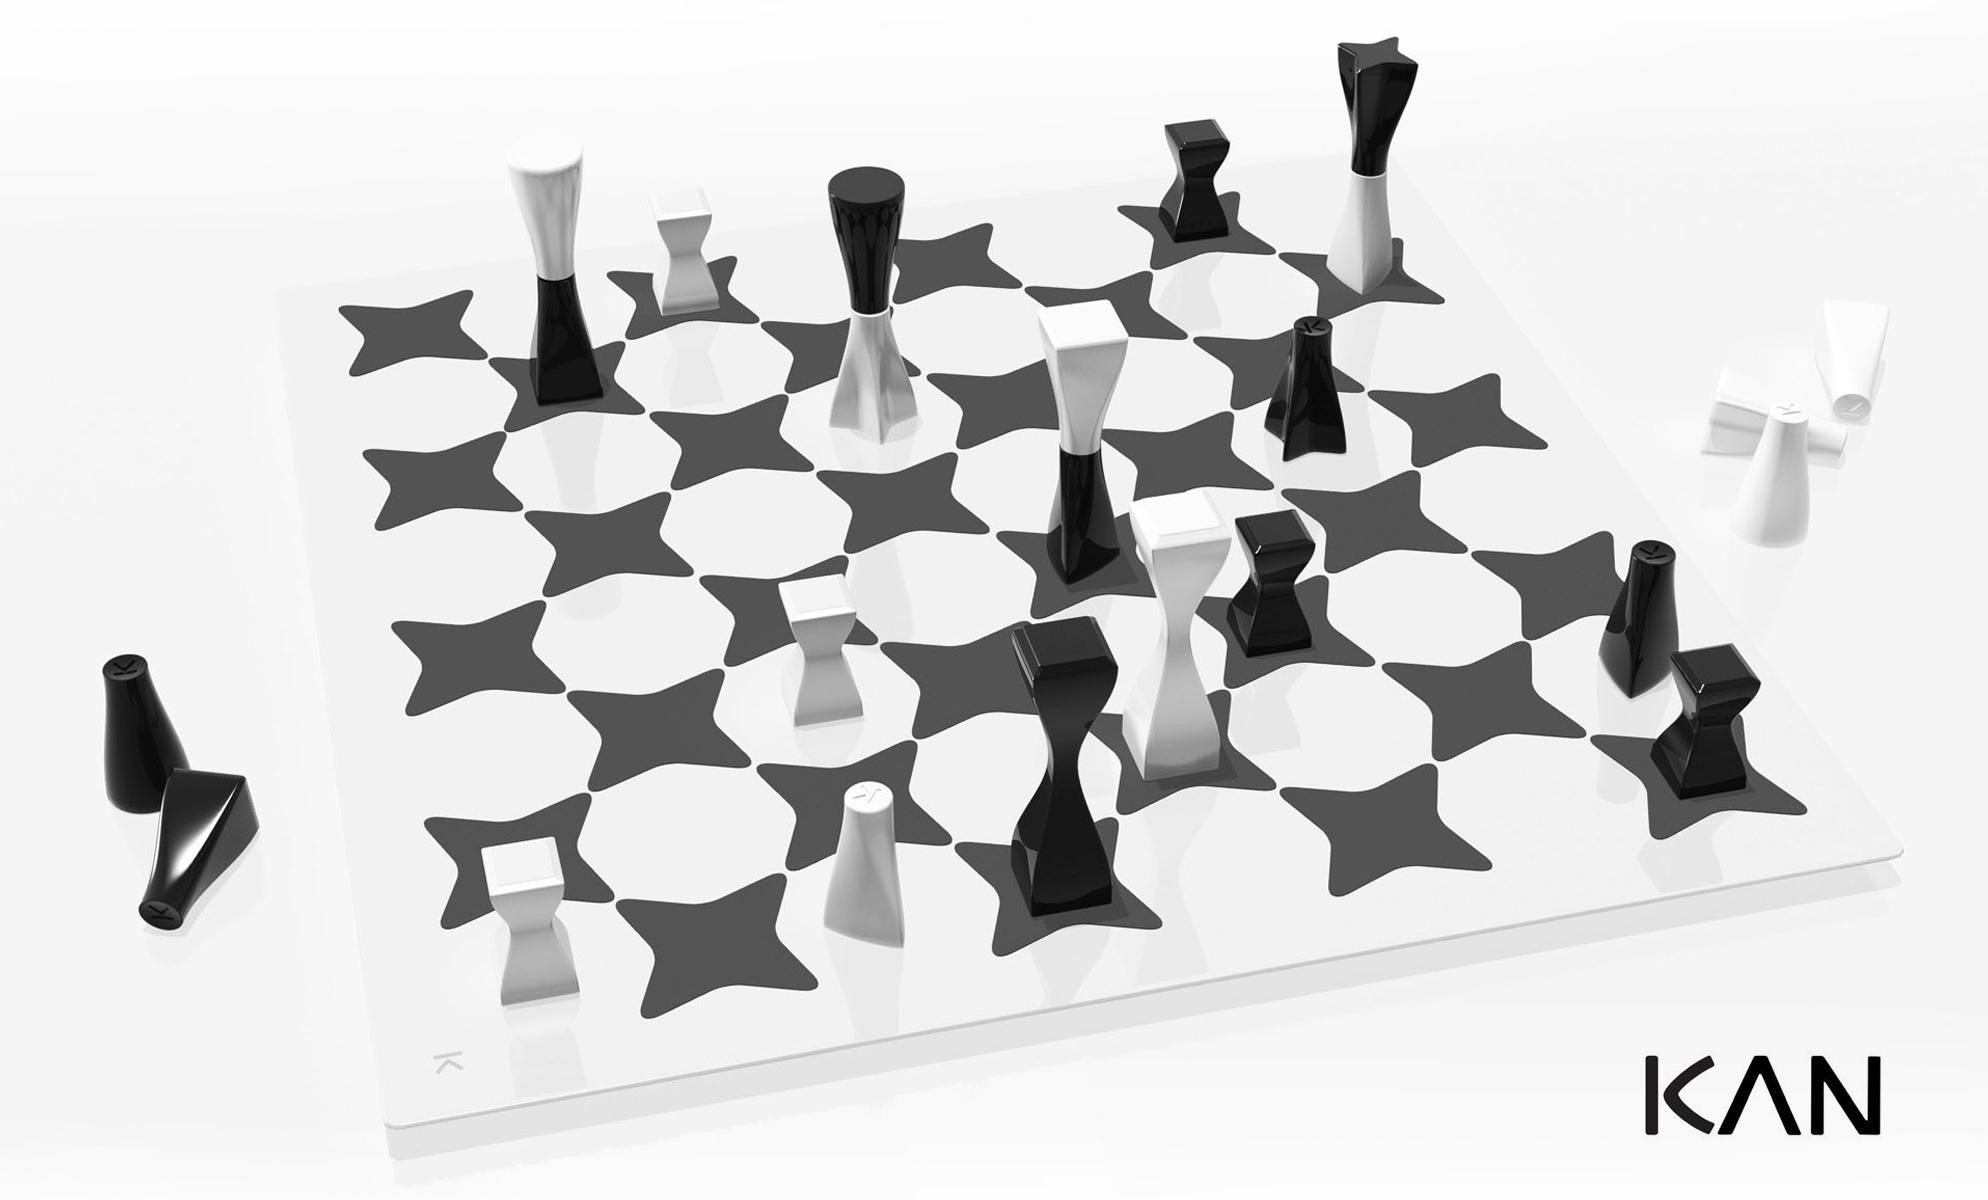 jeux de société, stratégie pure